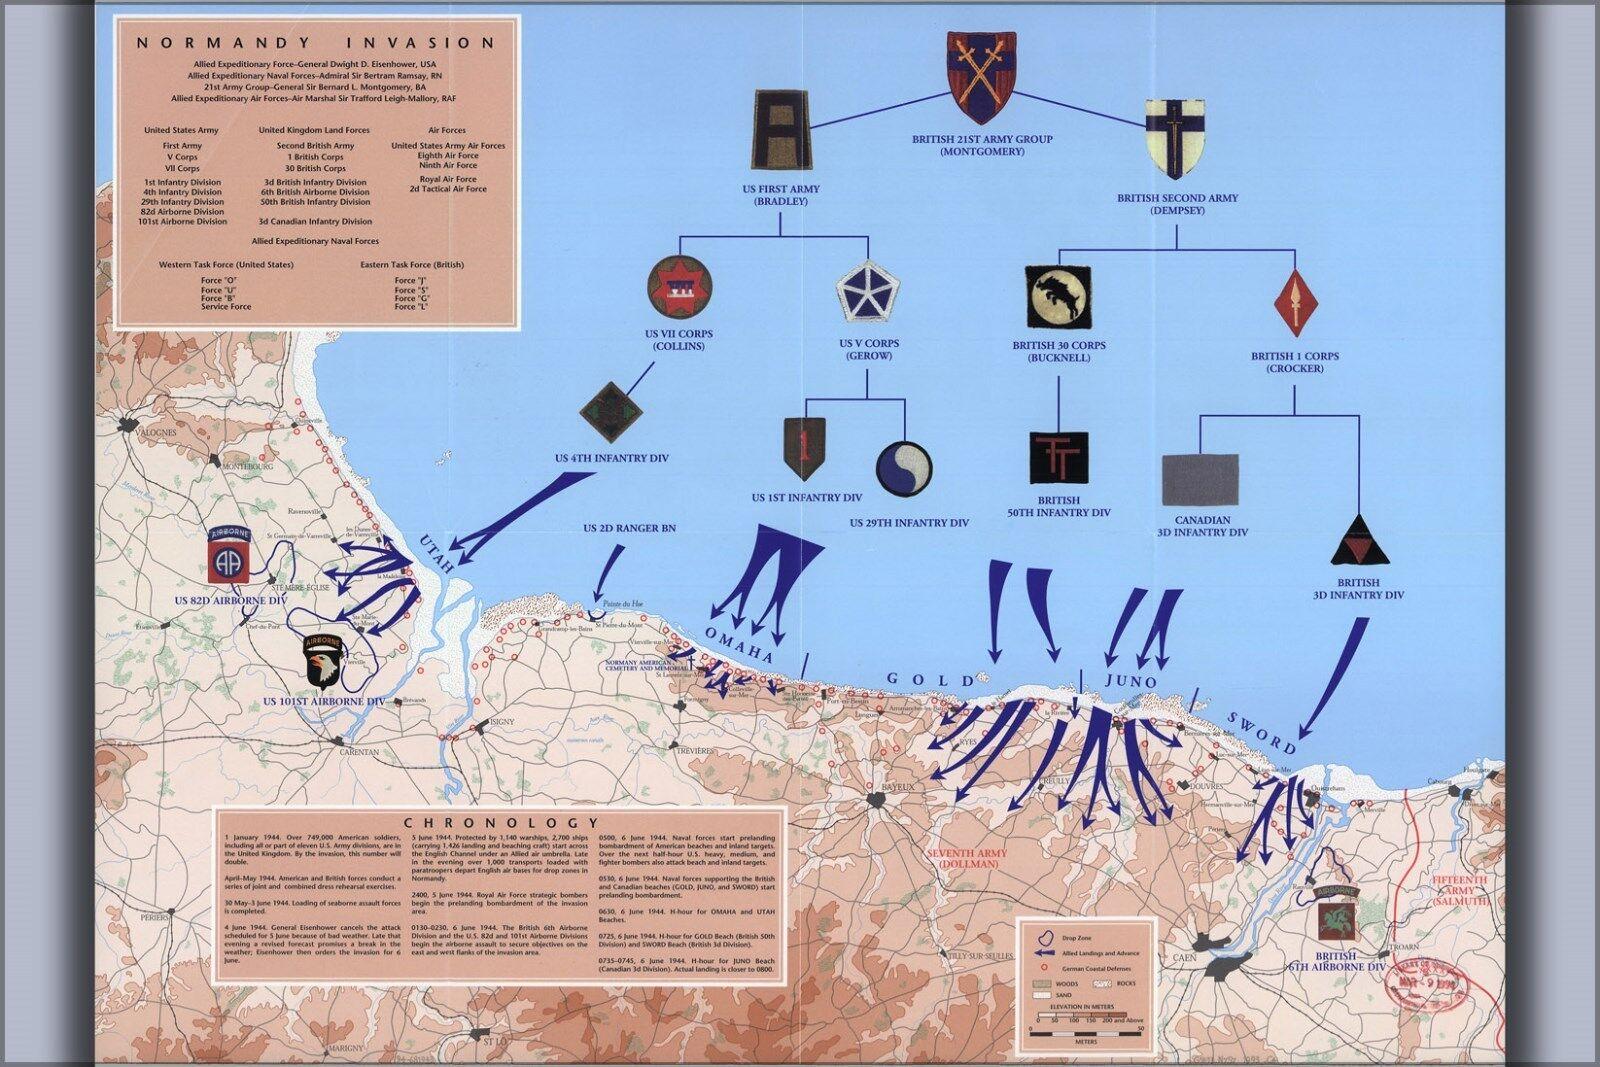 Plakat, Viele Größen; Karte von D-Day Normandie, 6. Juni 1944